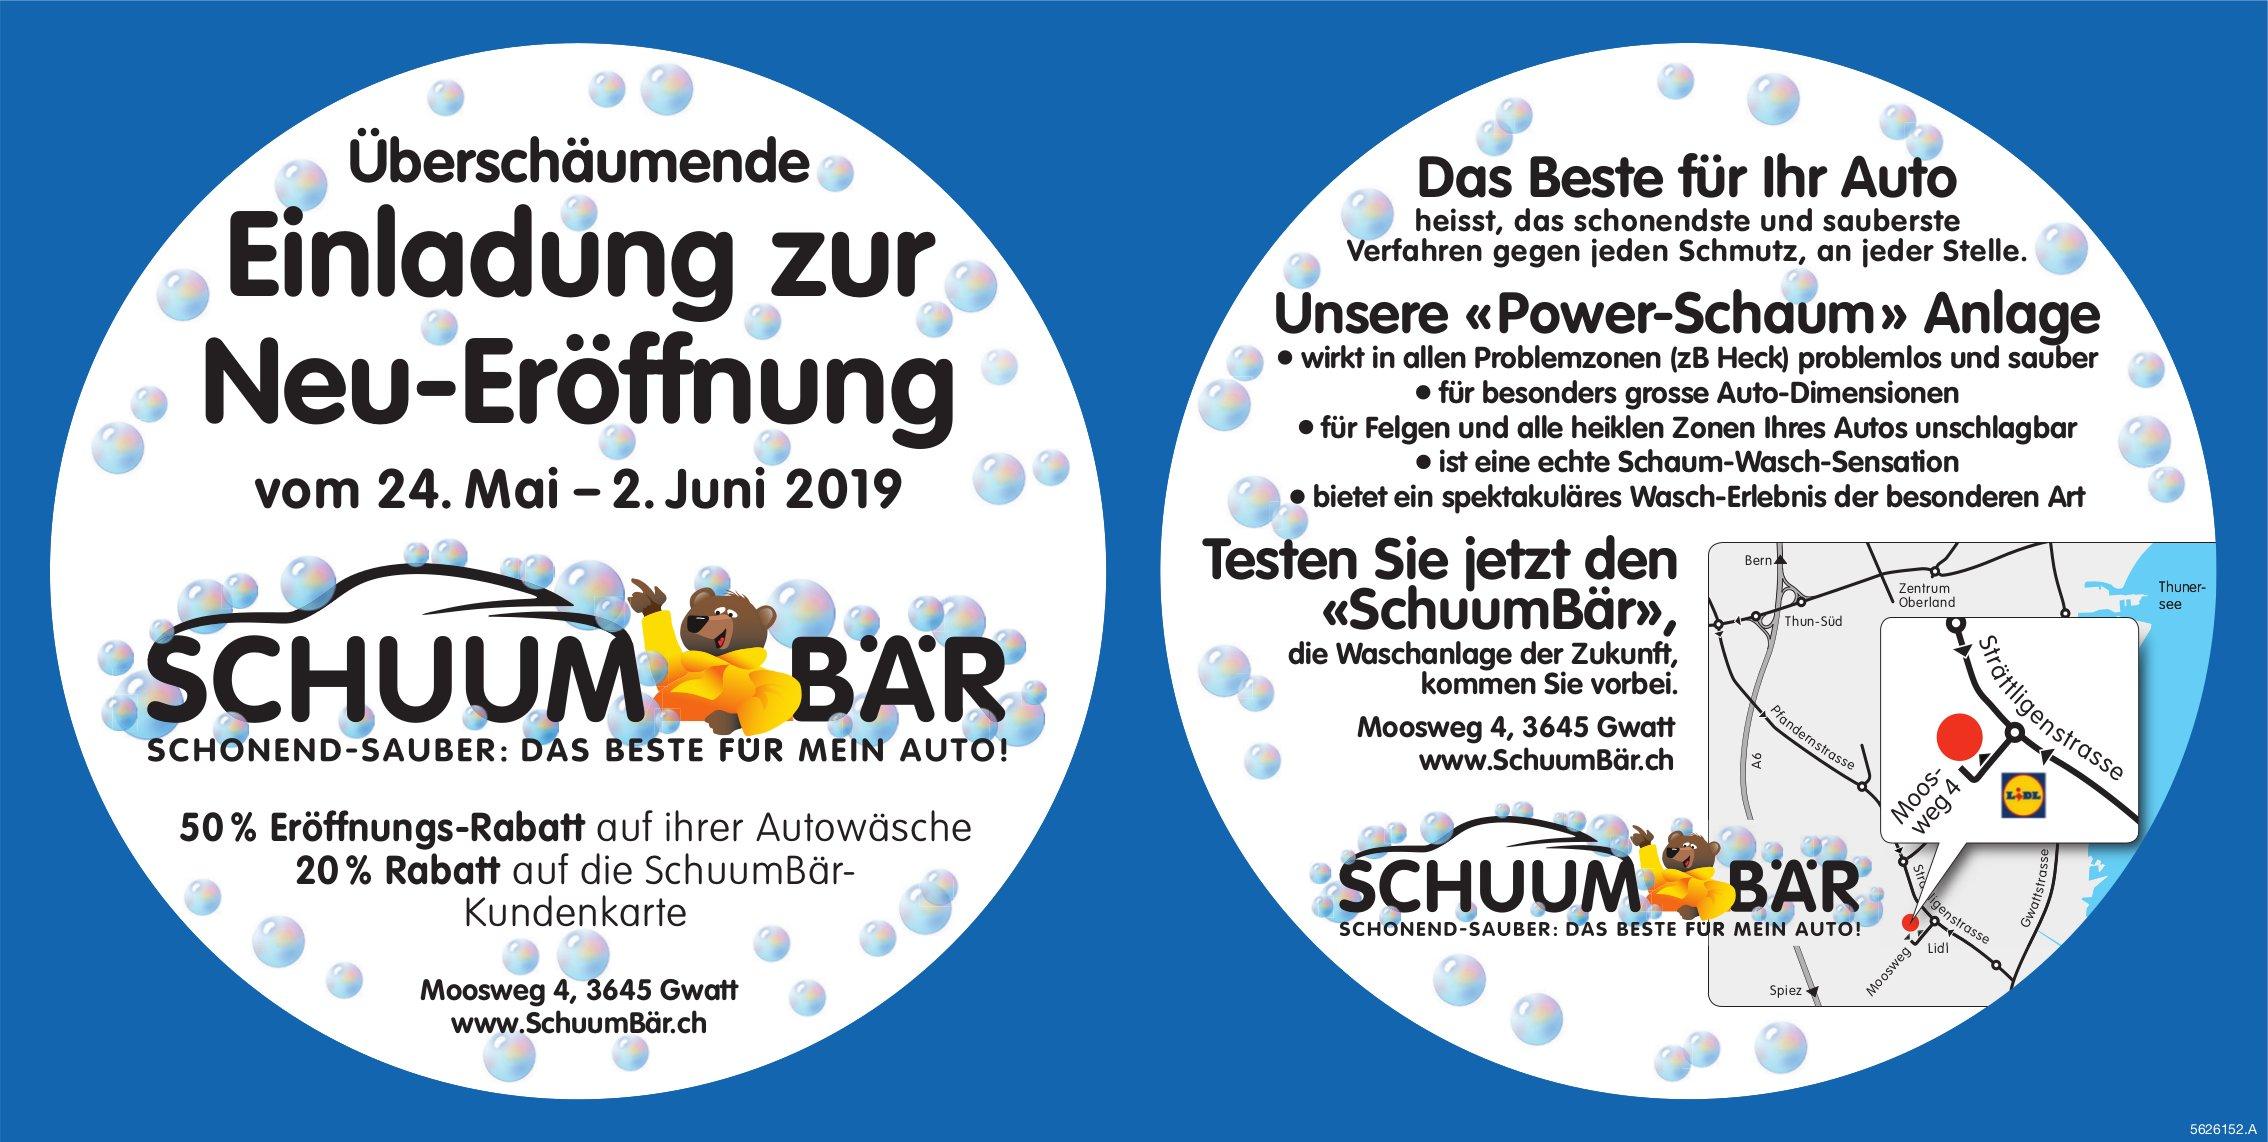 «SchuumBär» - Überschäumende Einladung zur Neu-Eröffnung vom 24. Mai - 2. Juni